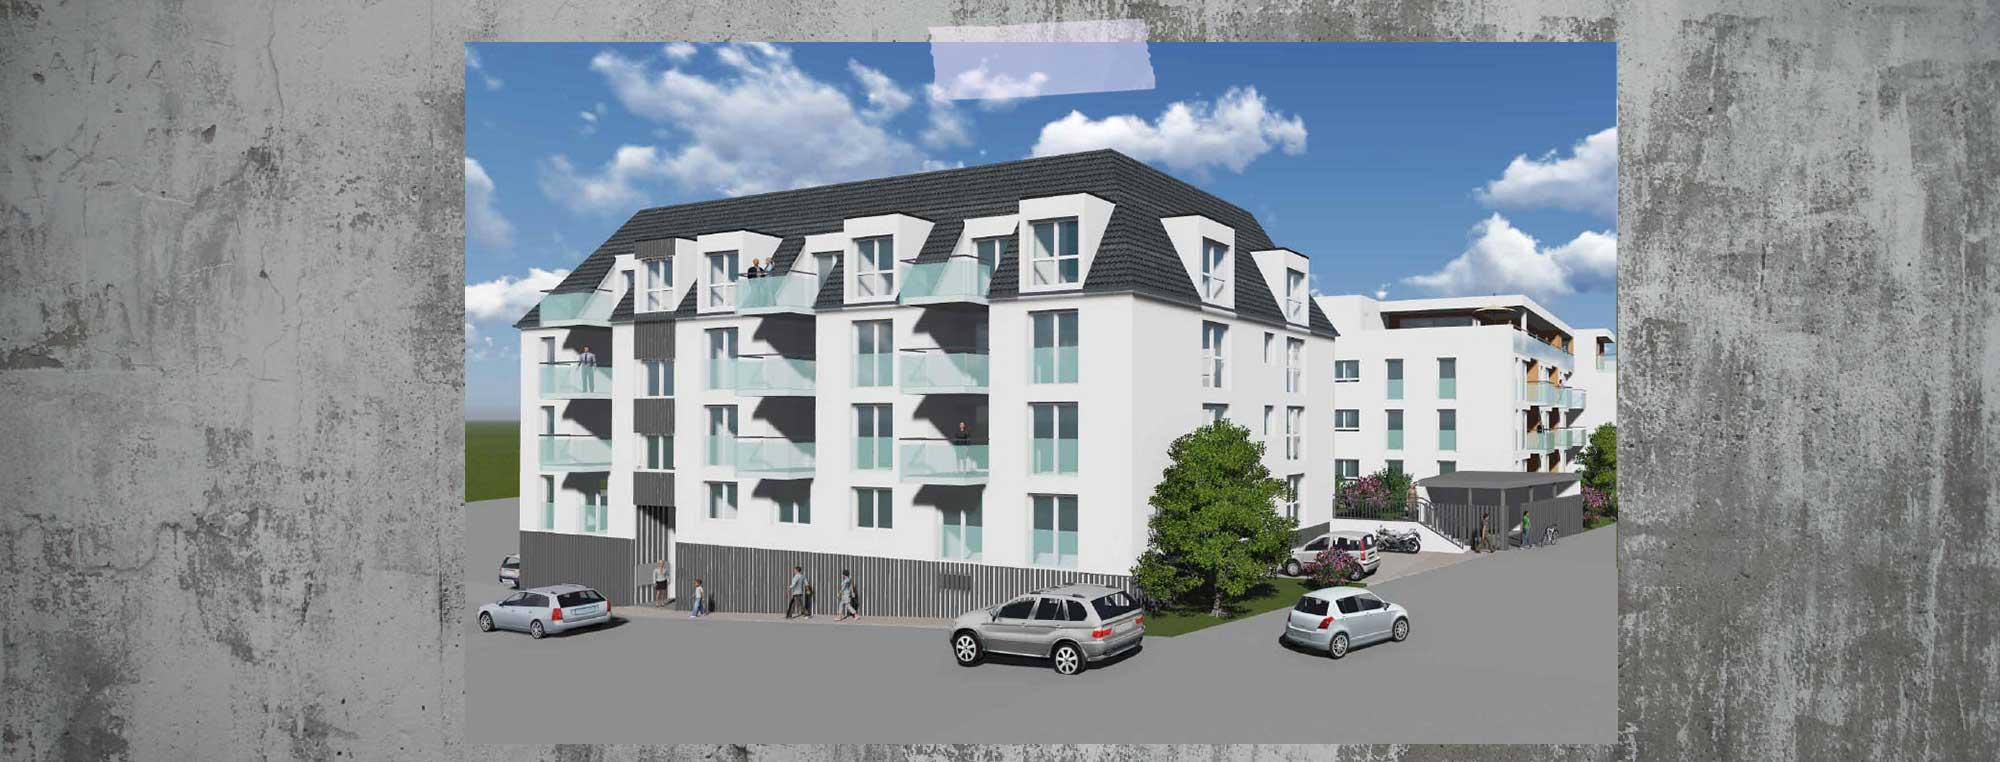 Projektentwicklung Bauunternehmen bendl Günzburg